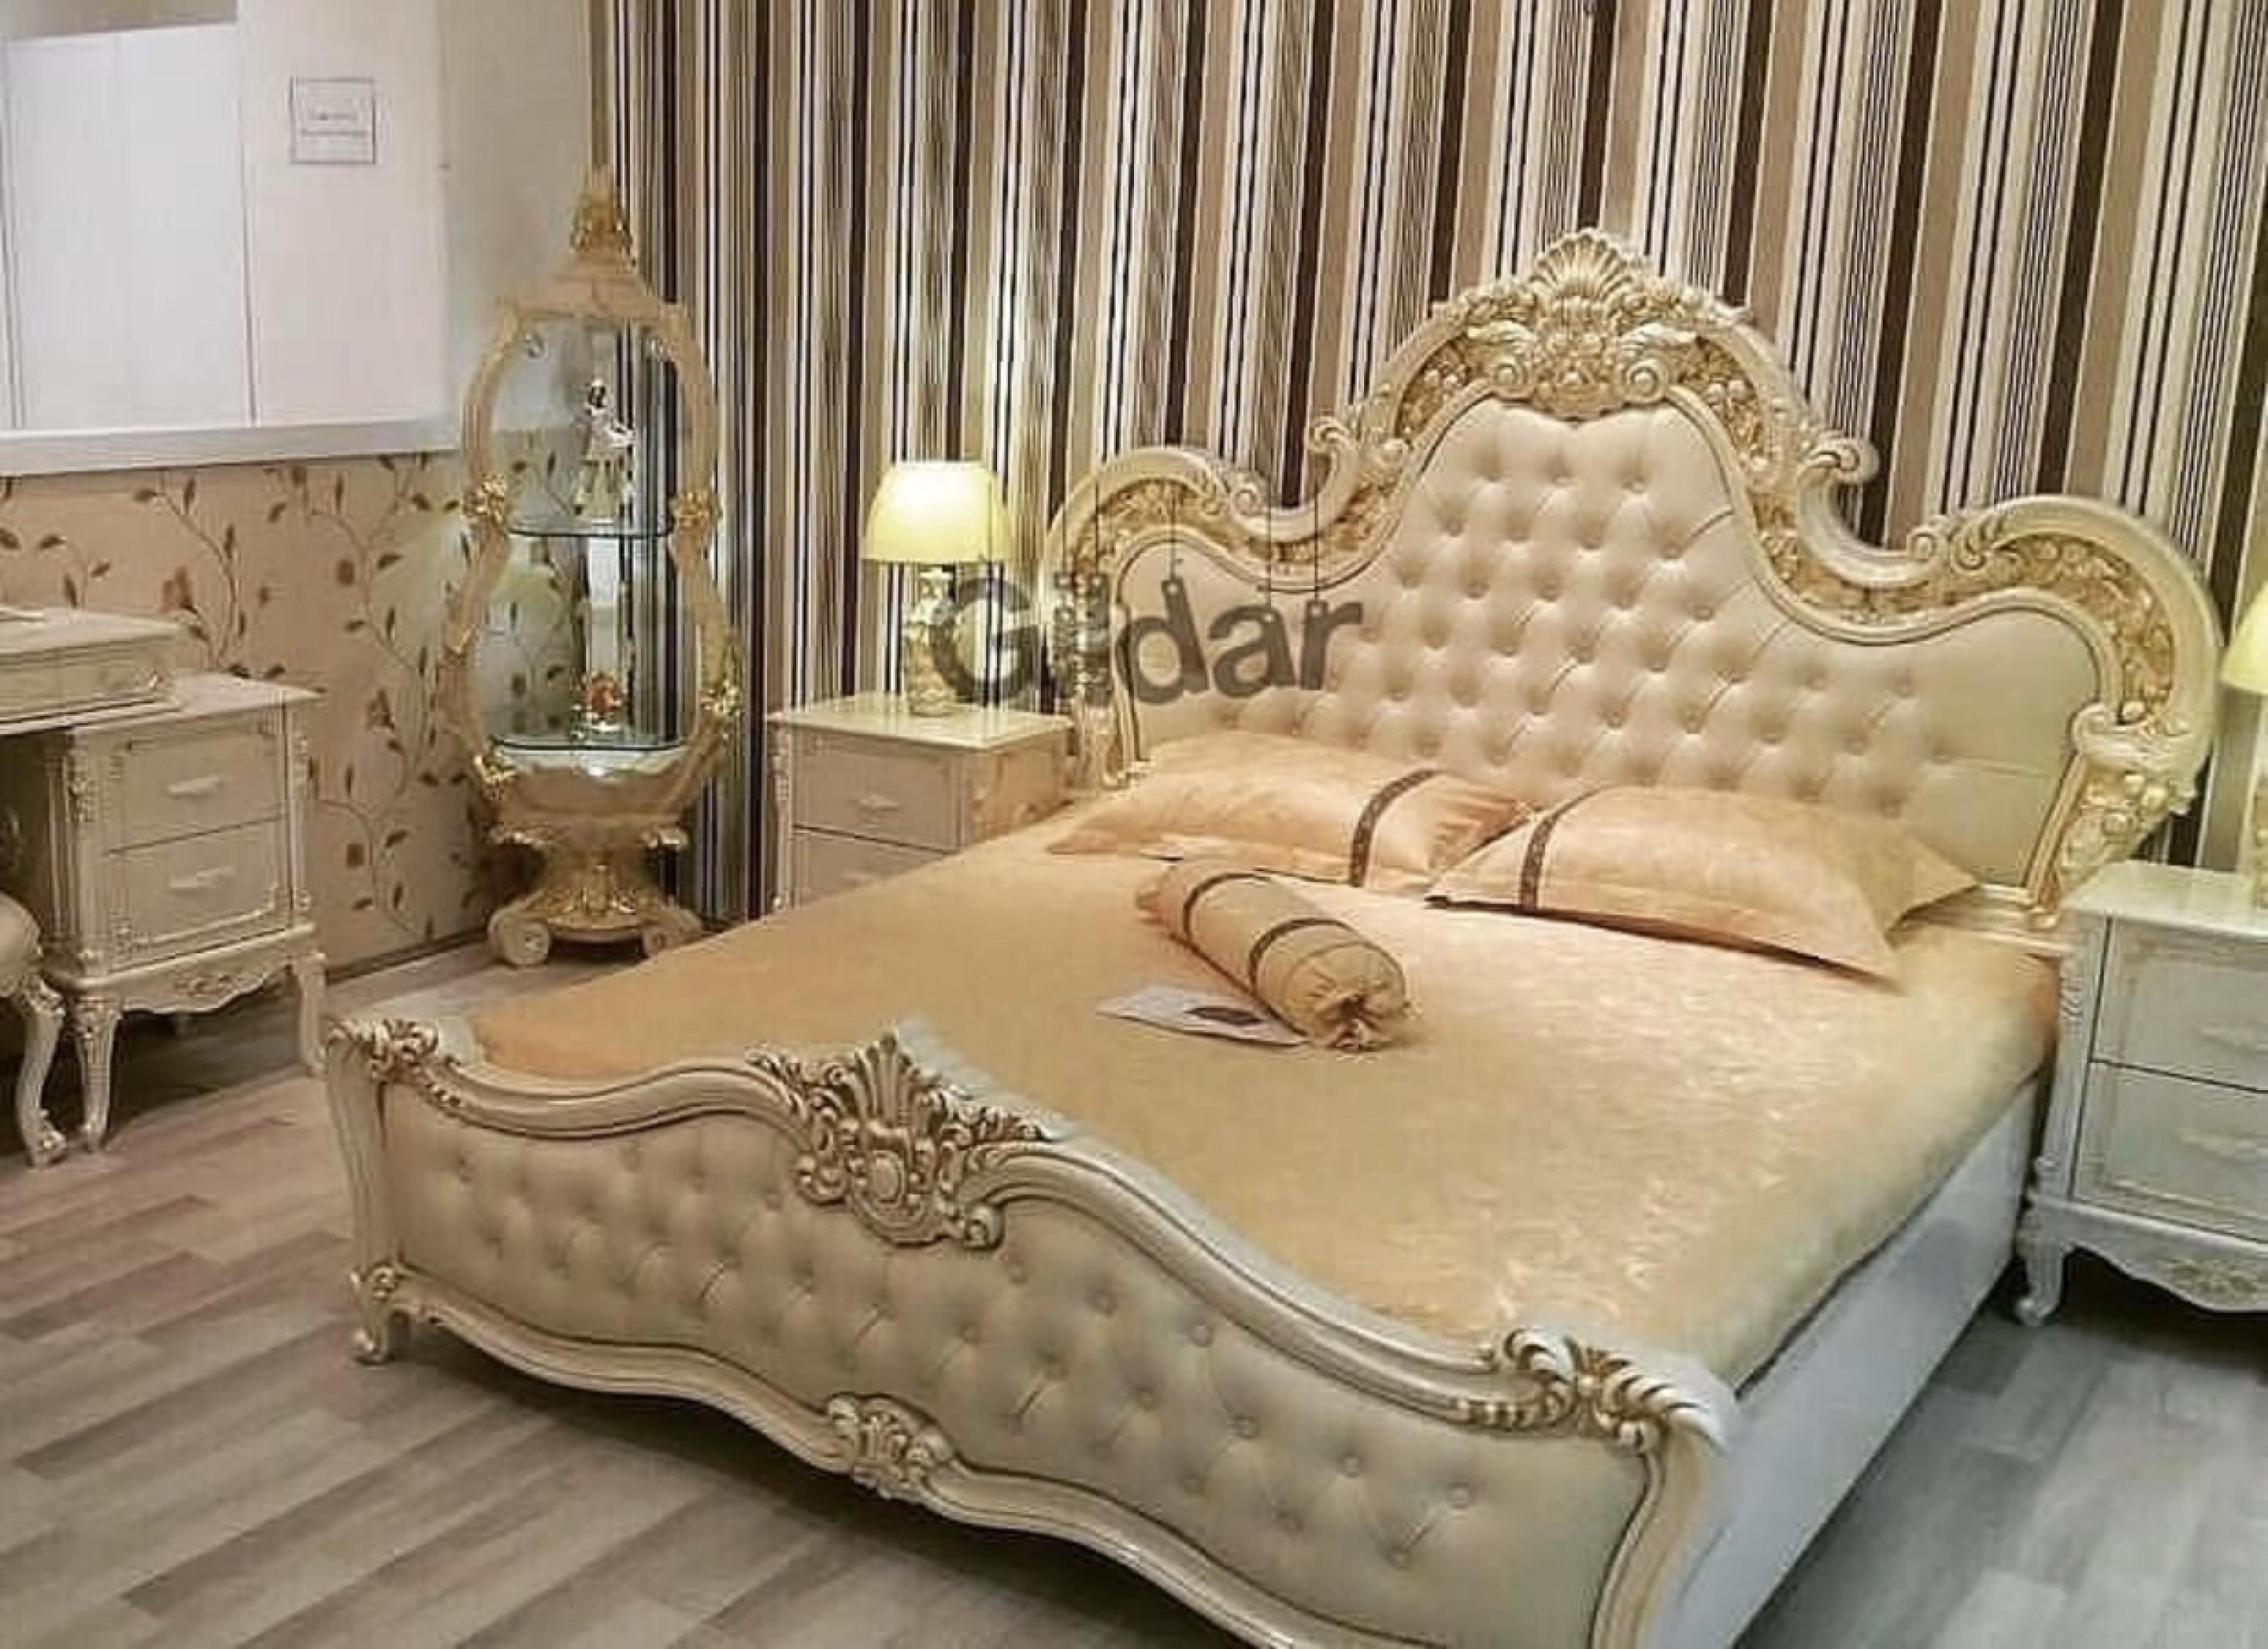 خرید سرویس خواب کلاسیک مدل آماندا